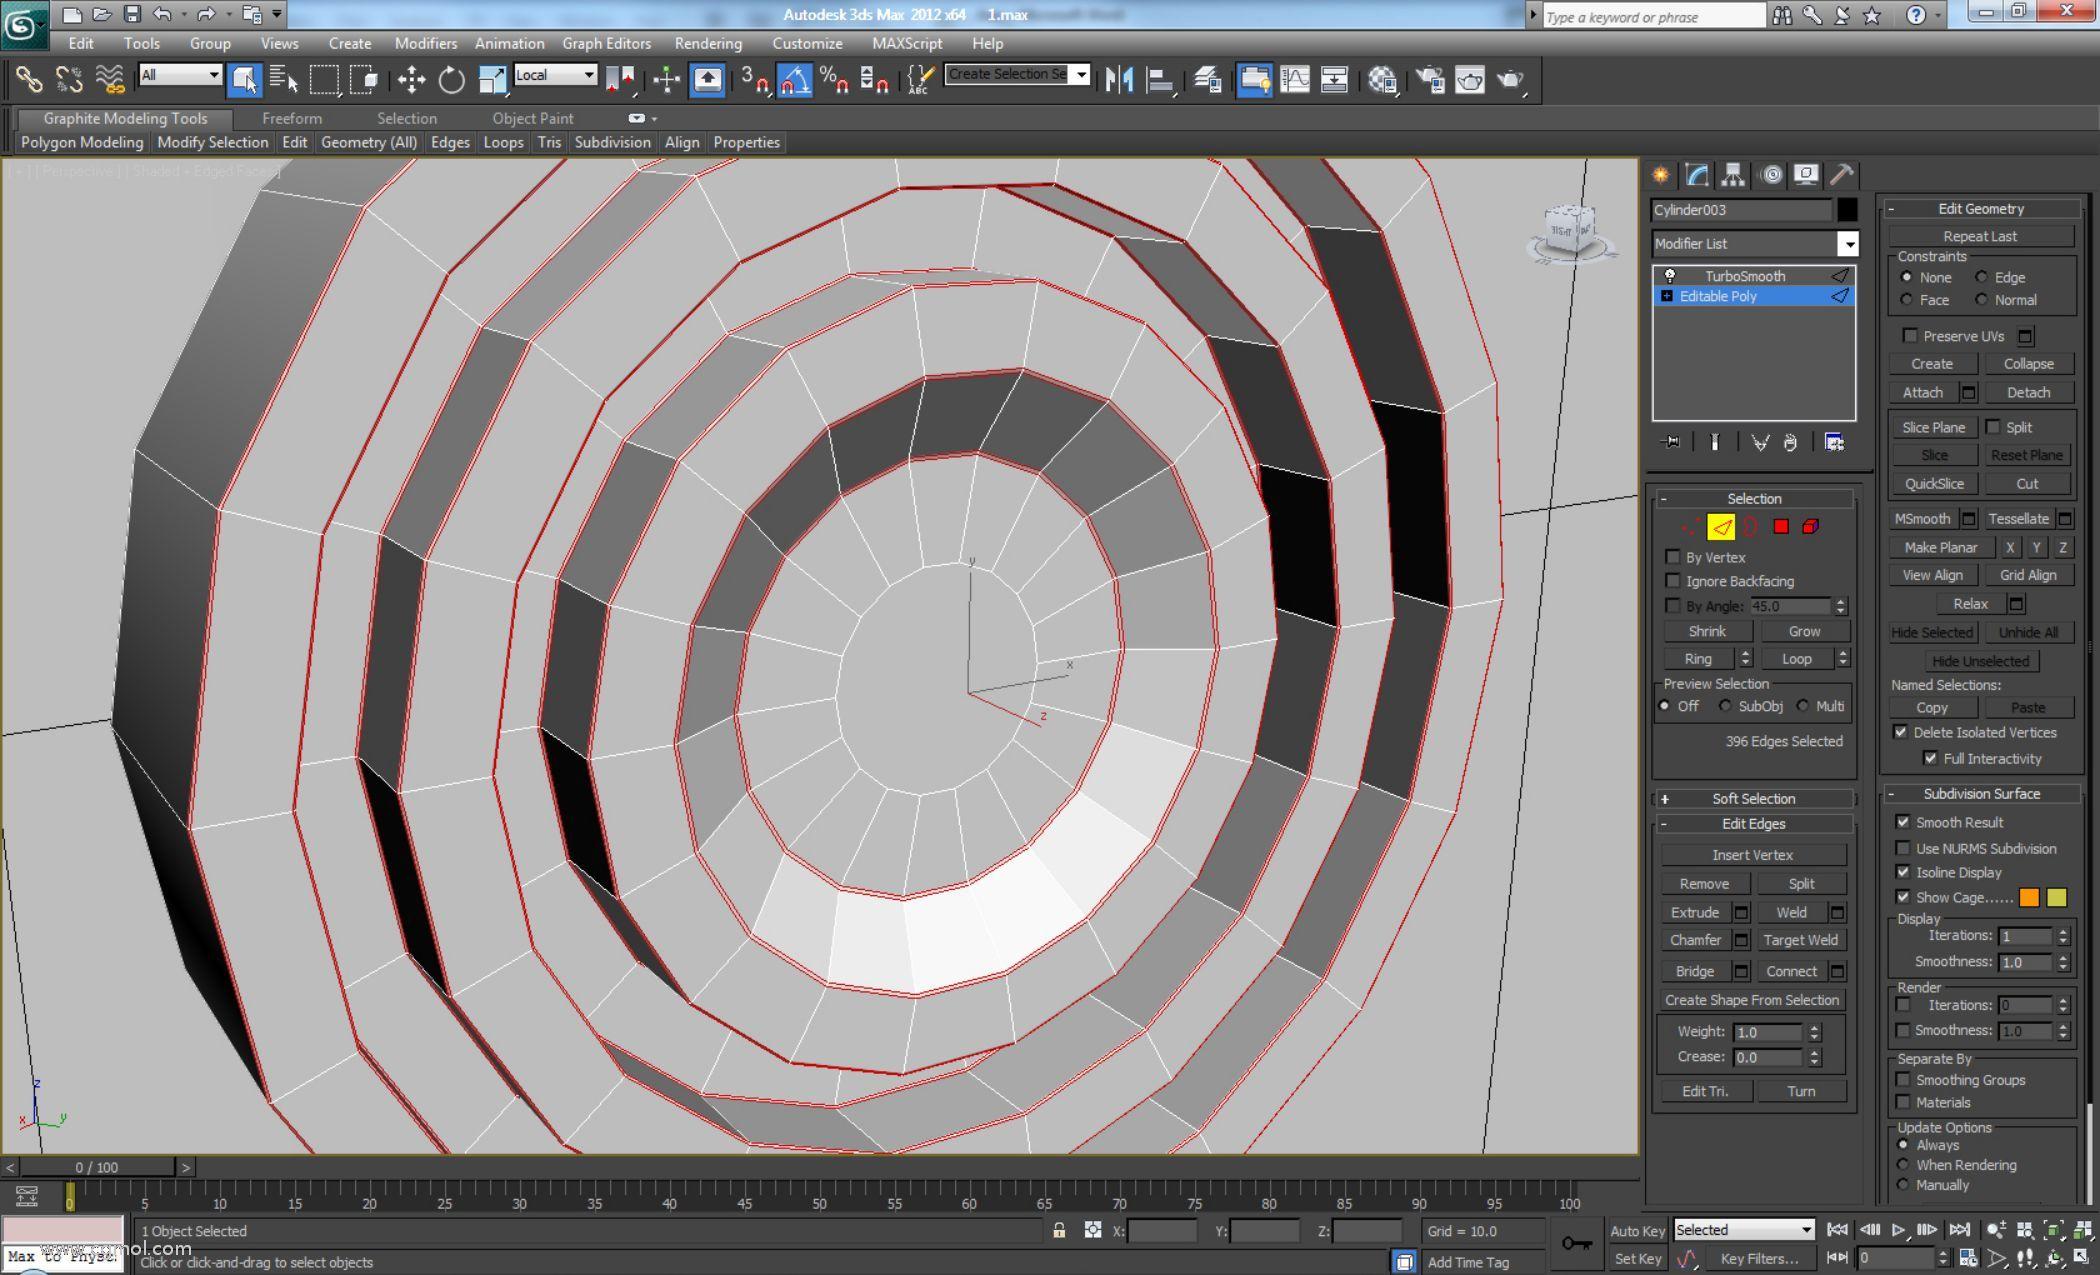 选择显示的边循环并使用较低值(编辑边>倒角)对它们进行倒角。选择中心多边形并再次插入。然后删除我们将无法看到的后面的多边形。